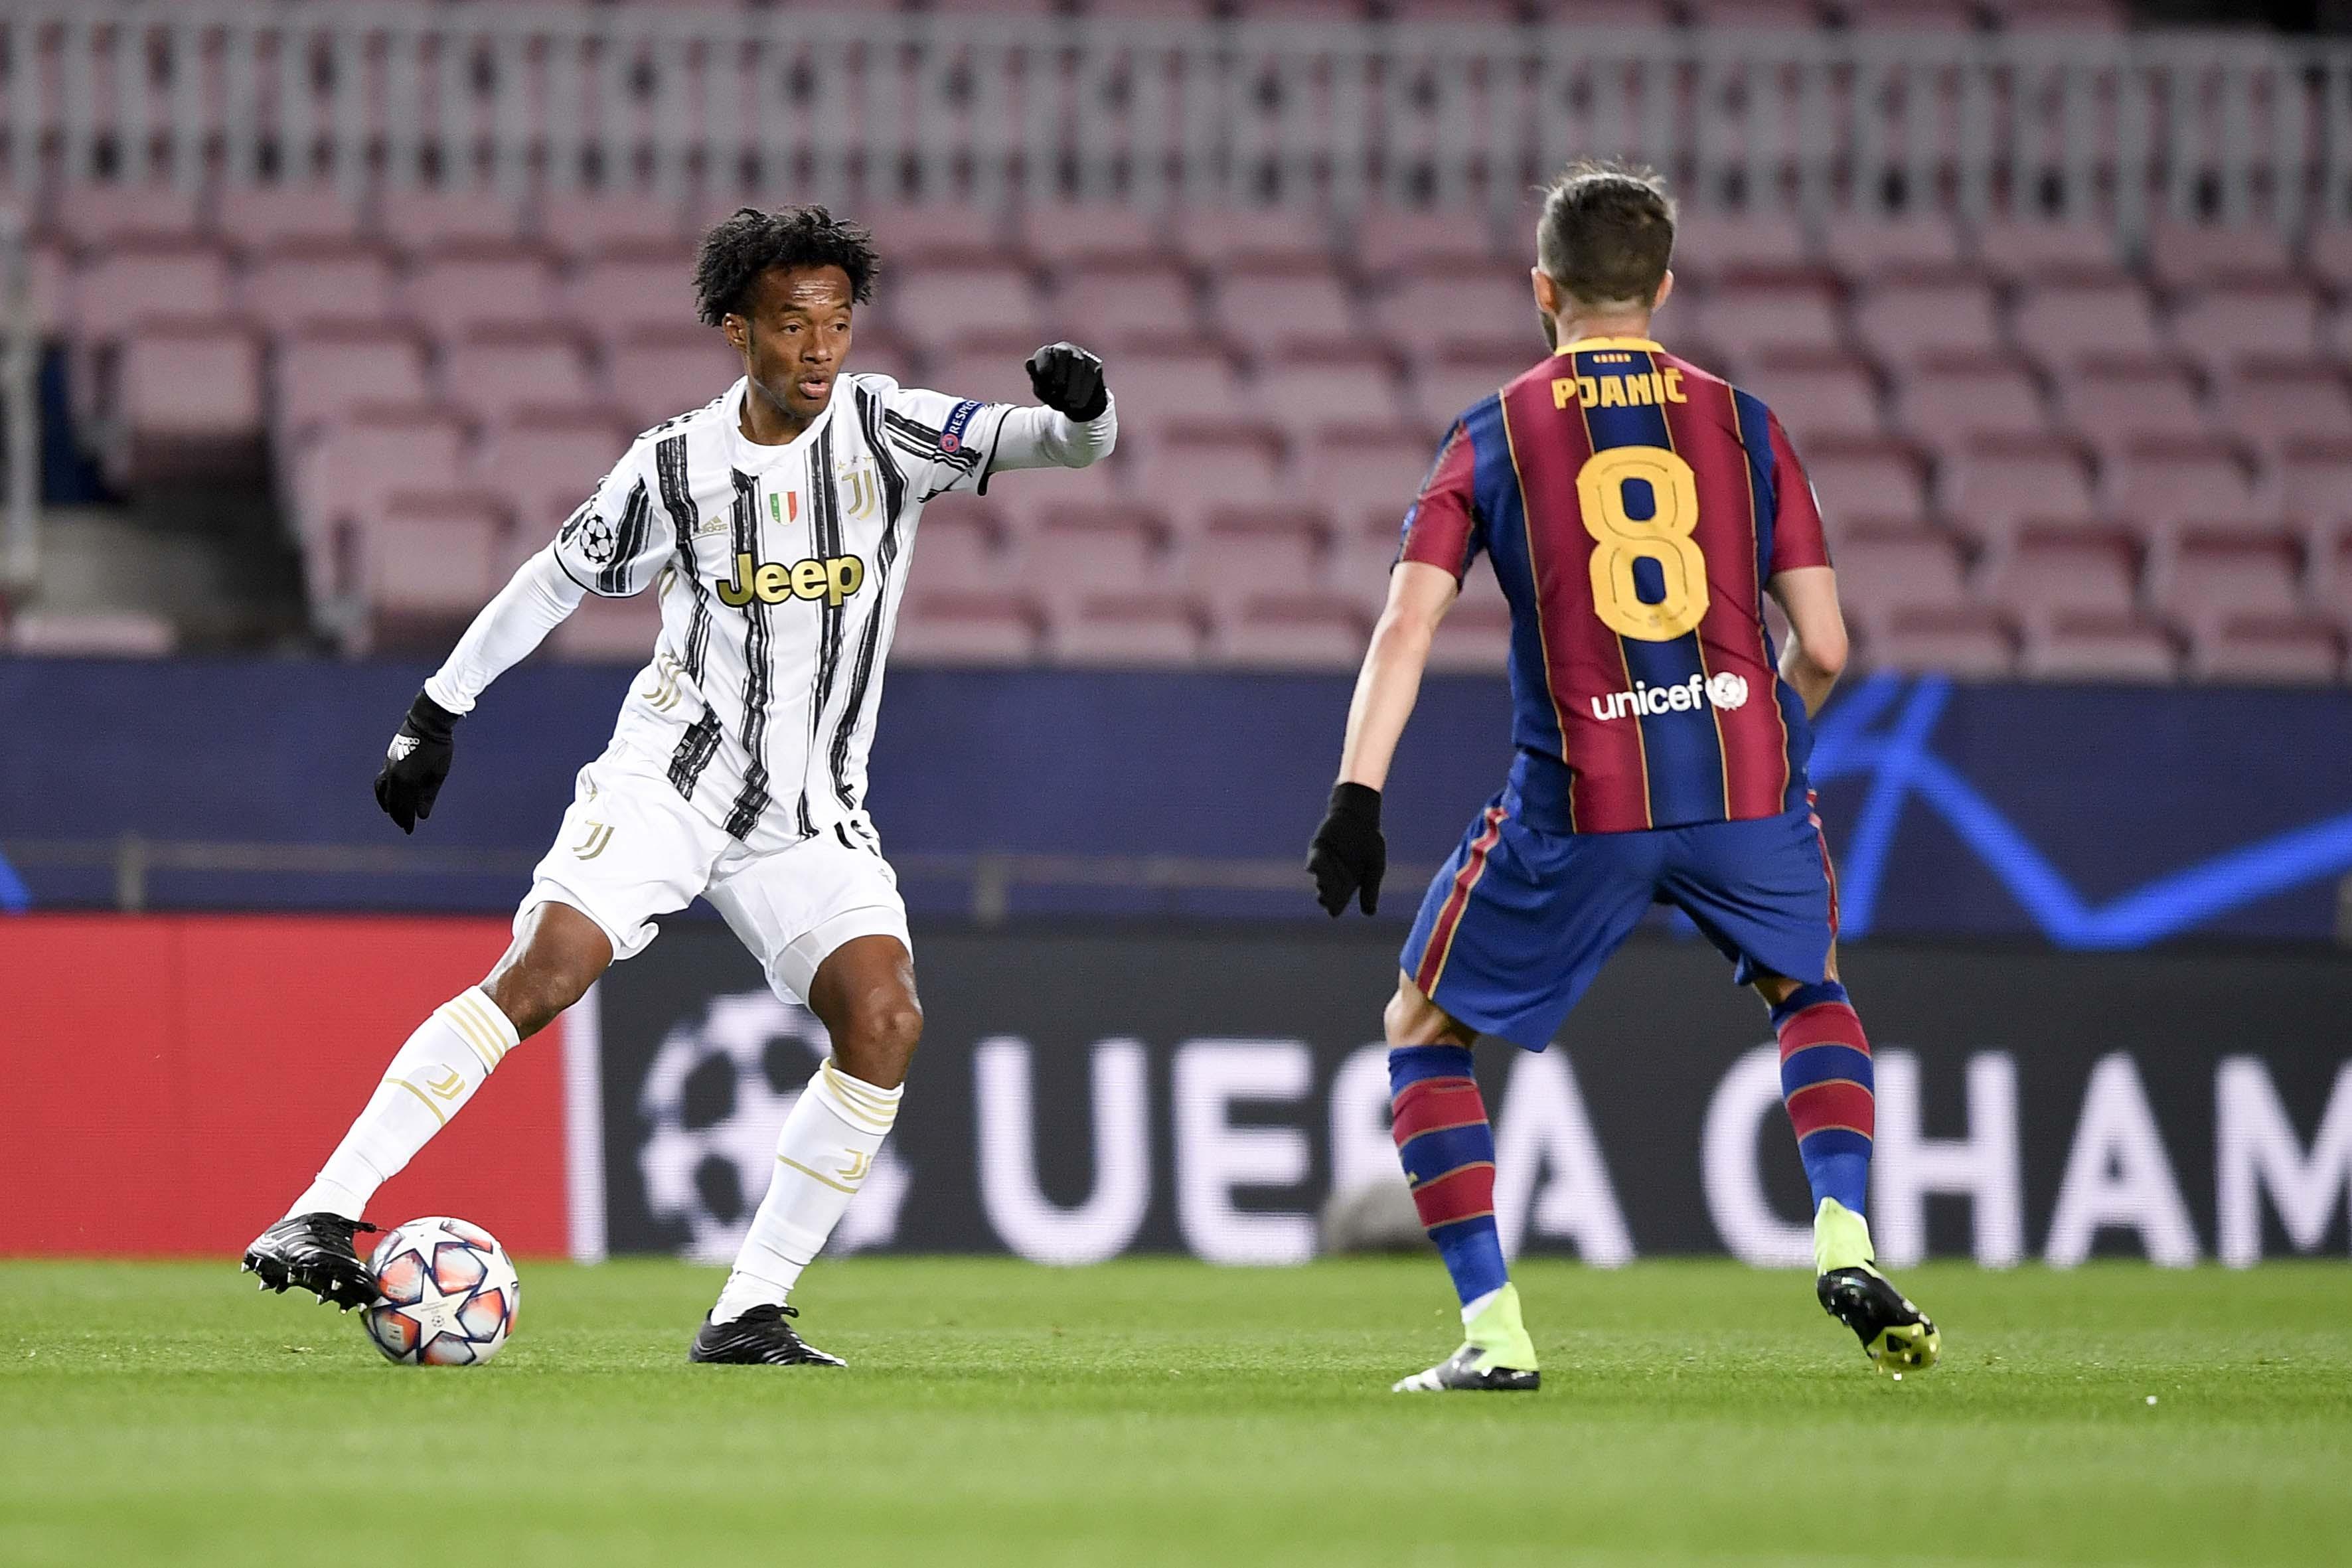 夸德拉多本赛季已经有8次助攻,为意甲球员榜首